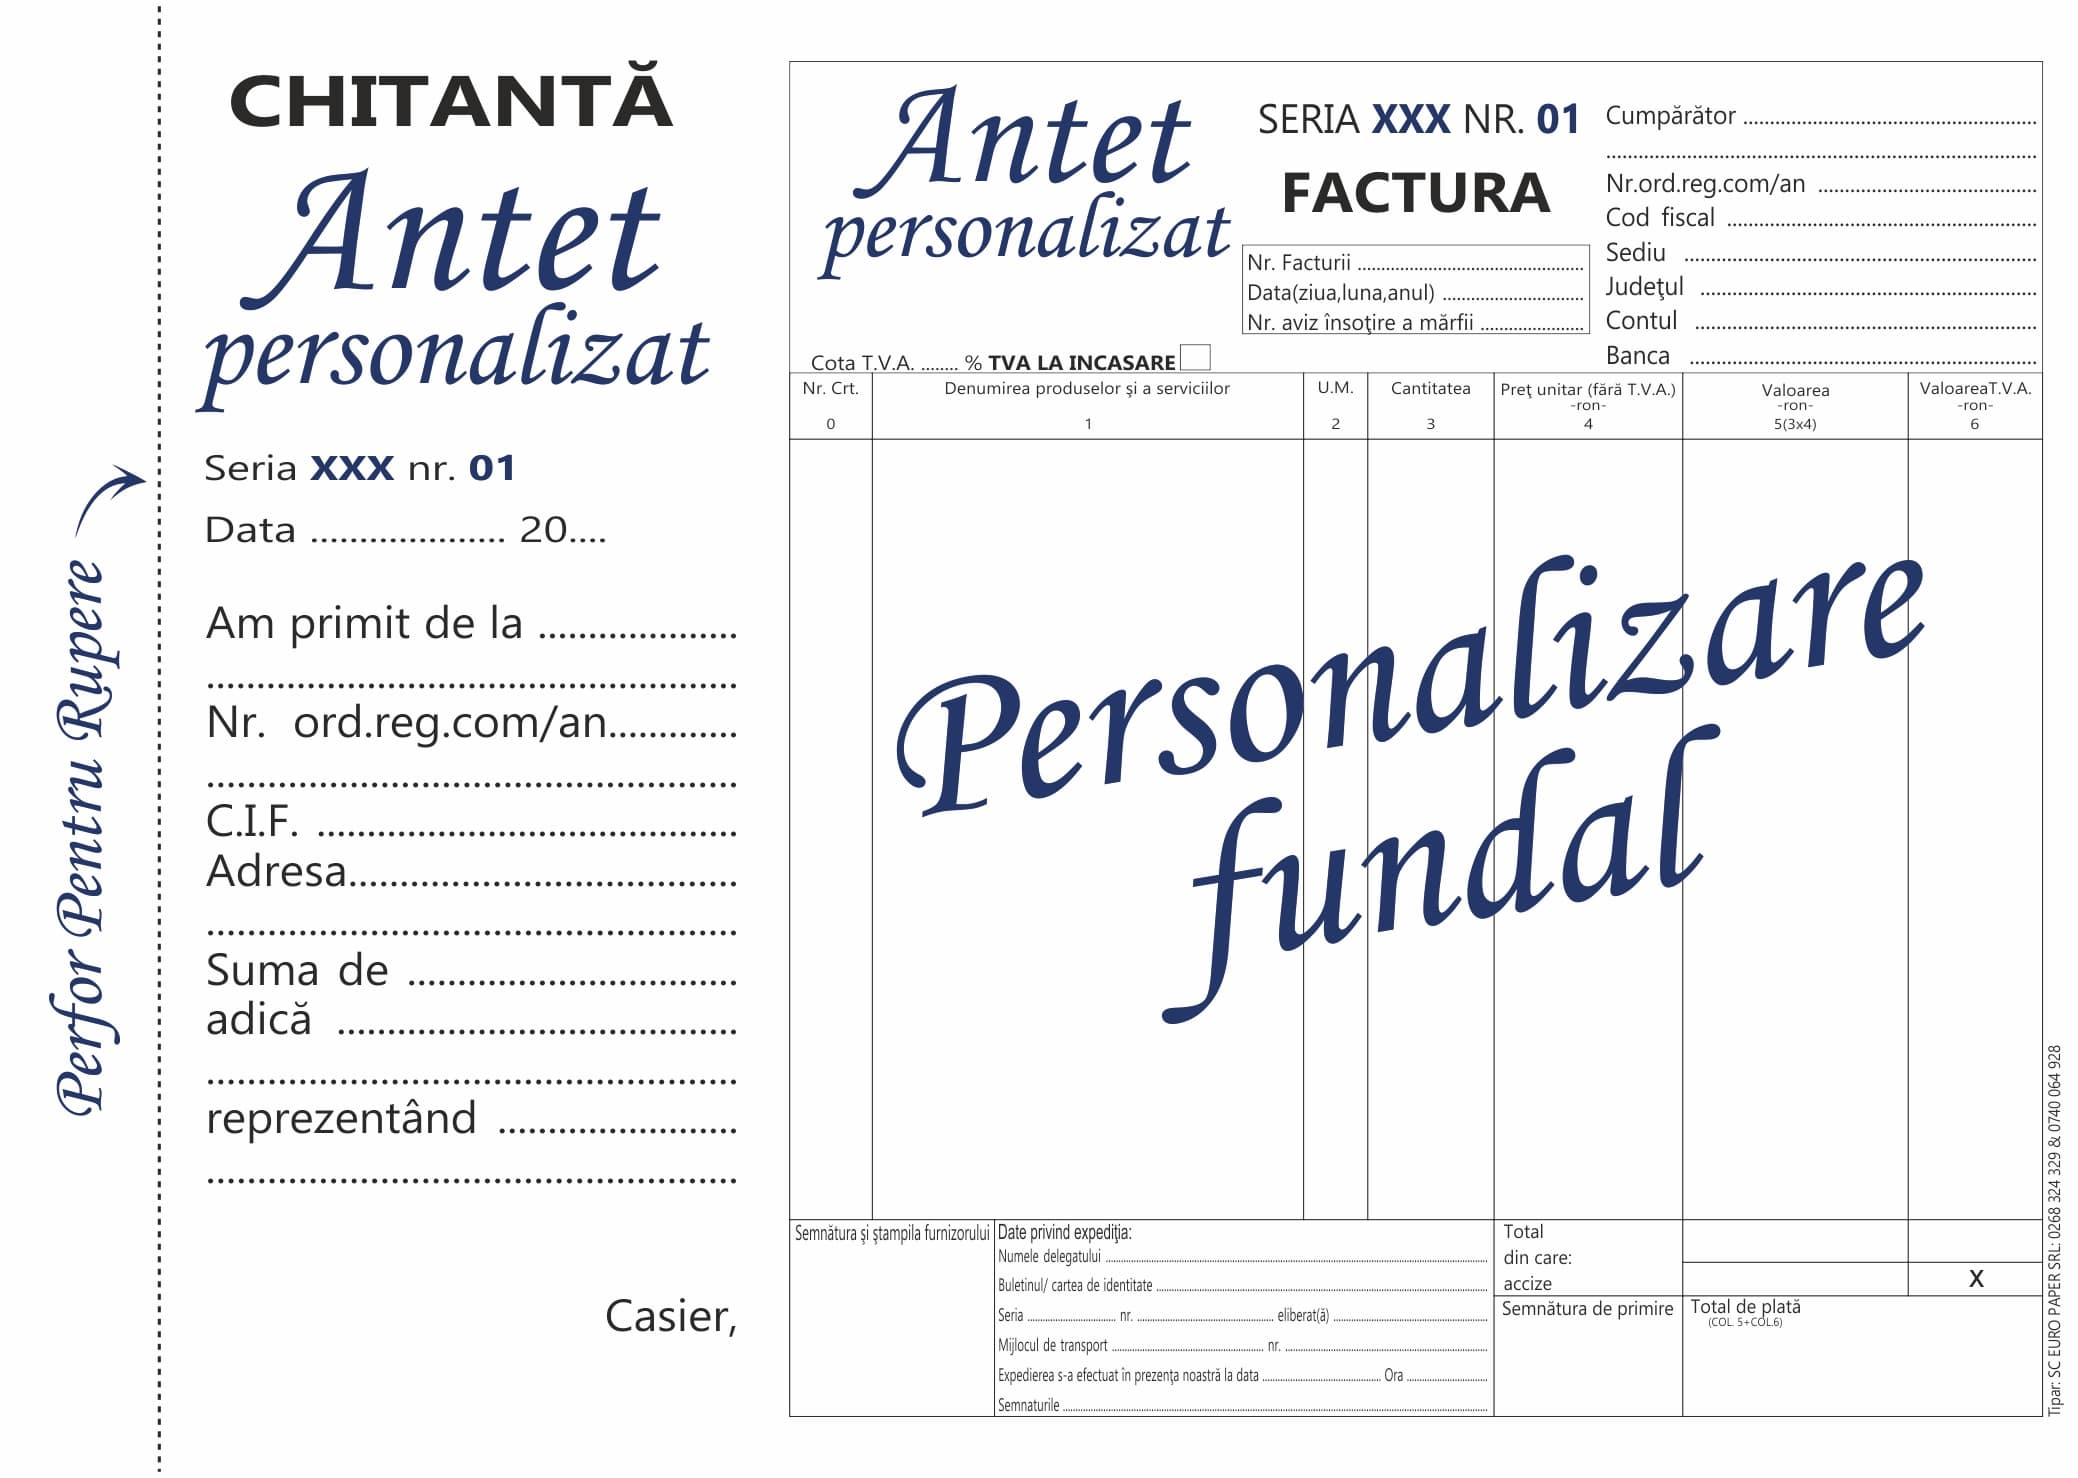 Facturier cu tva cu chitanta personalizat A5 MODEL 2- Tipizate personalizate Brasov - Europaper Brasov Centru Print